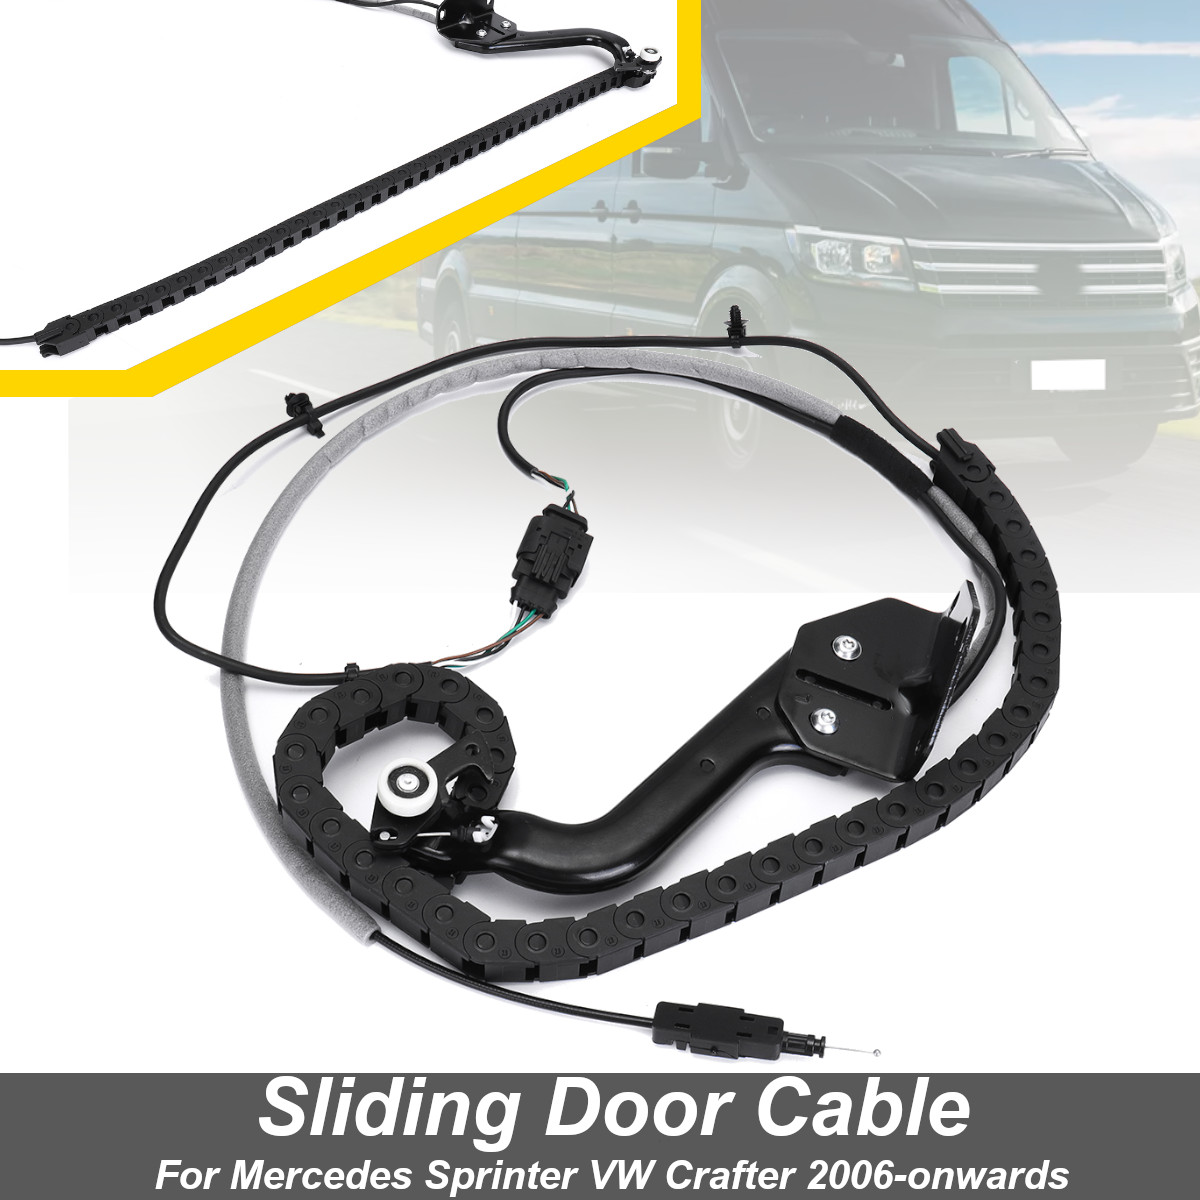 9068203369 porte coulissante câble inférieur rouleau piste gauche N/S pour Mercedes Sprinter pour VW pour Crafter 2006-à partir de